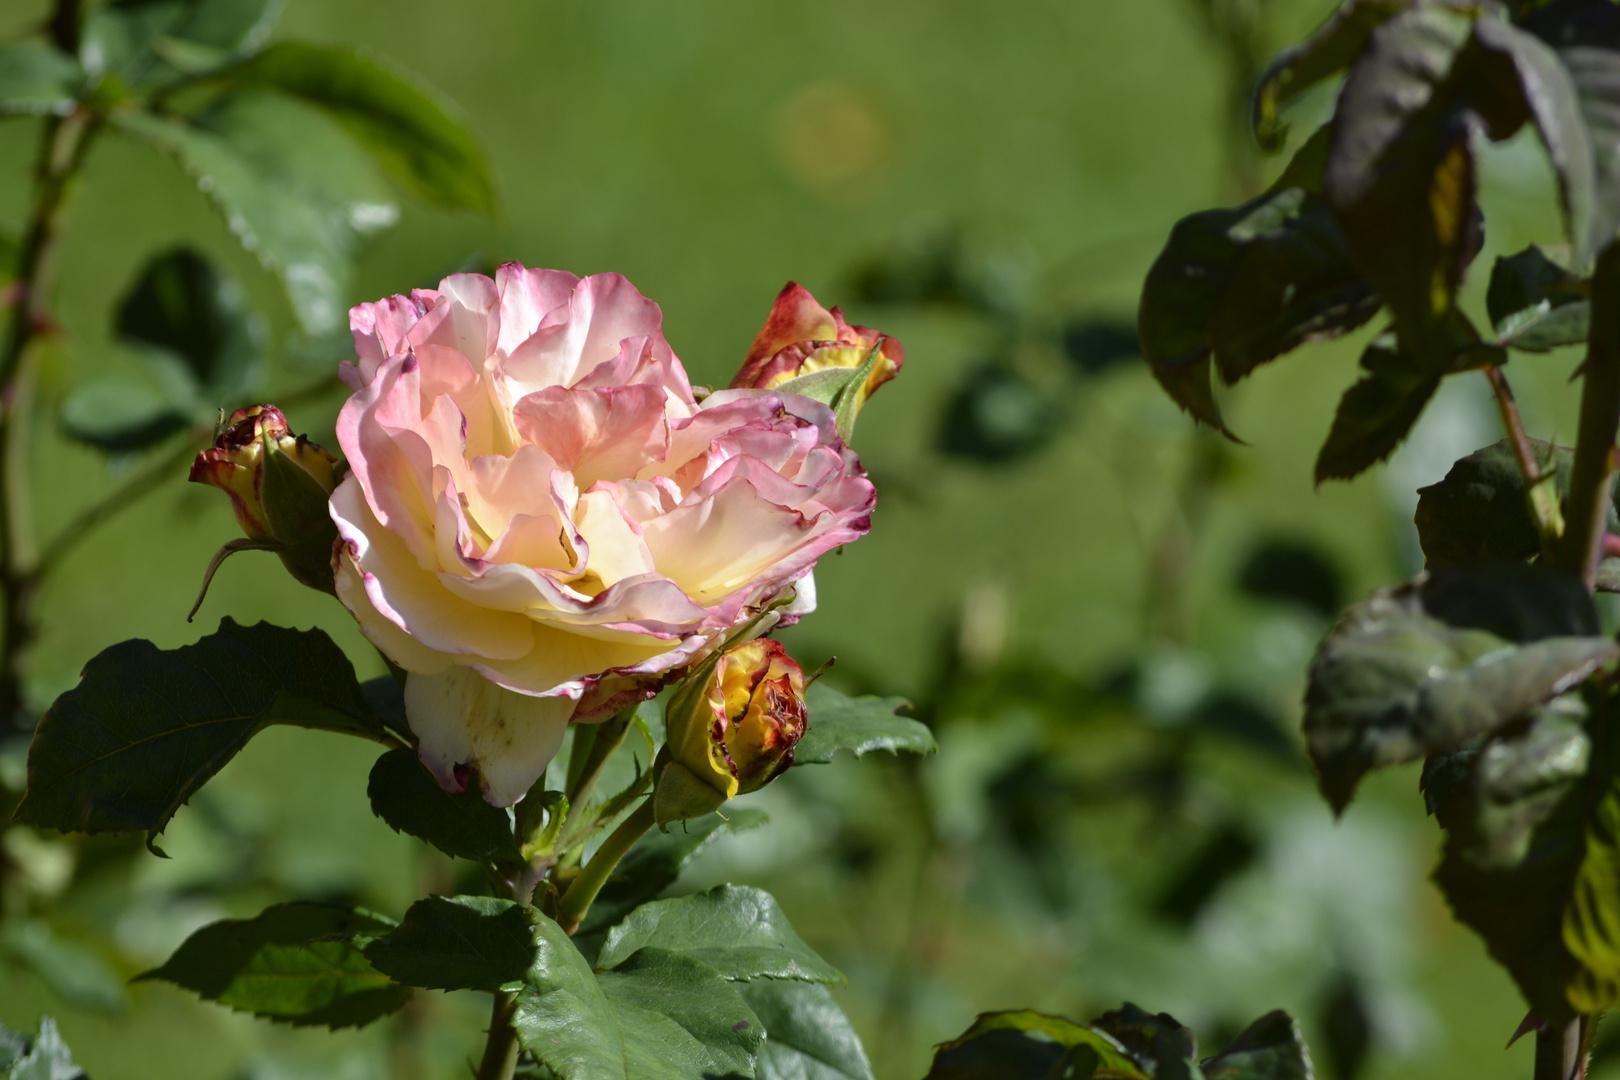 Rose + Trio